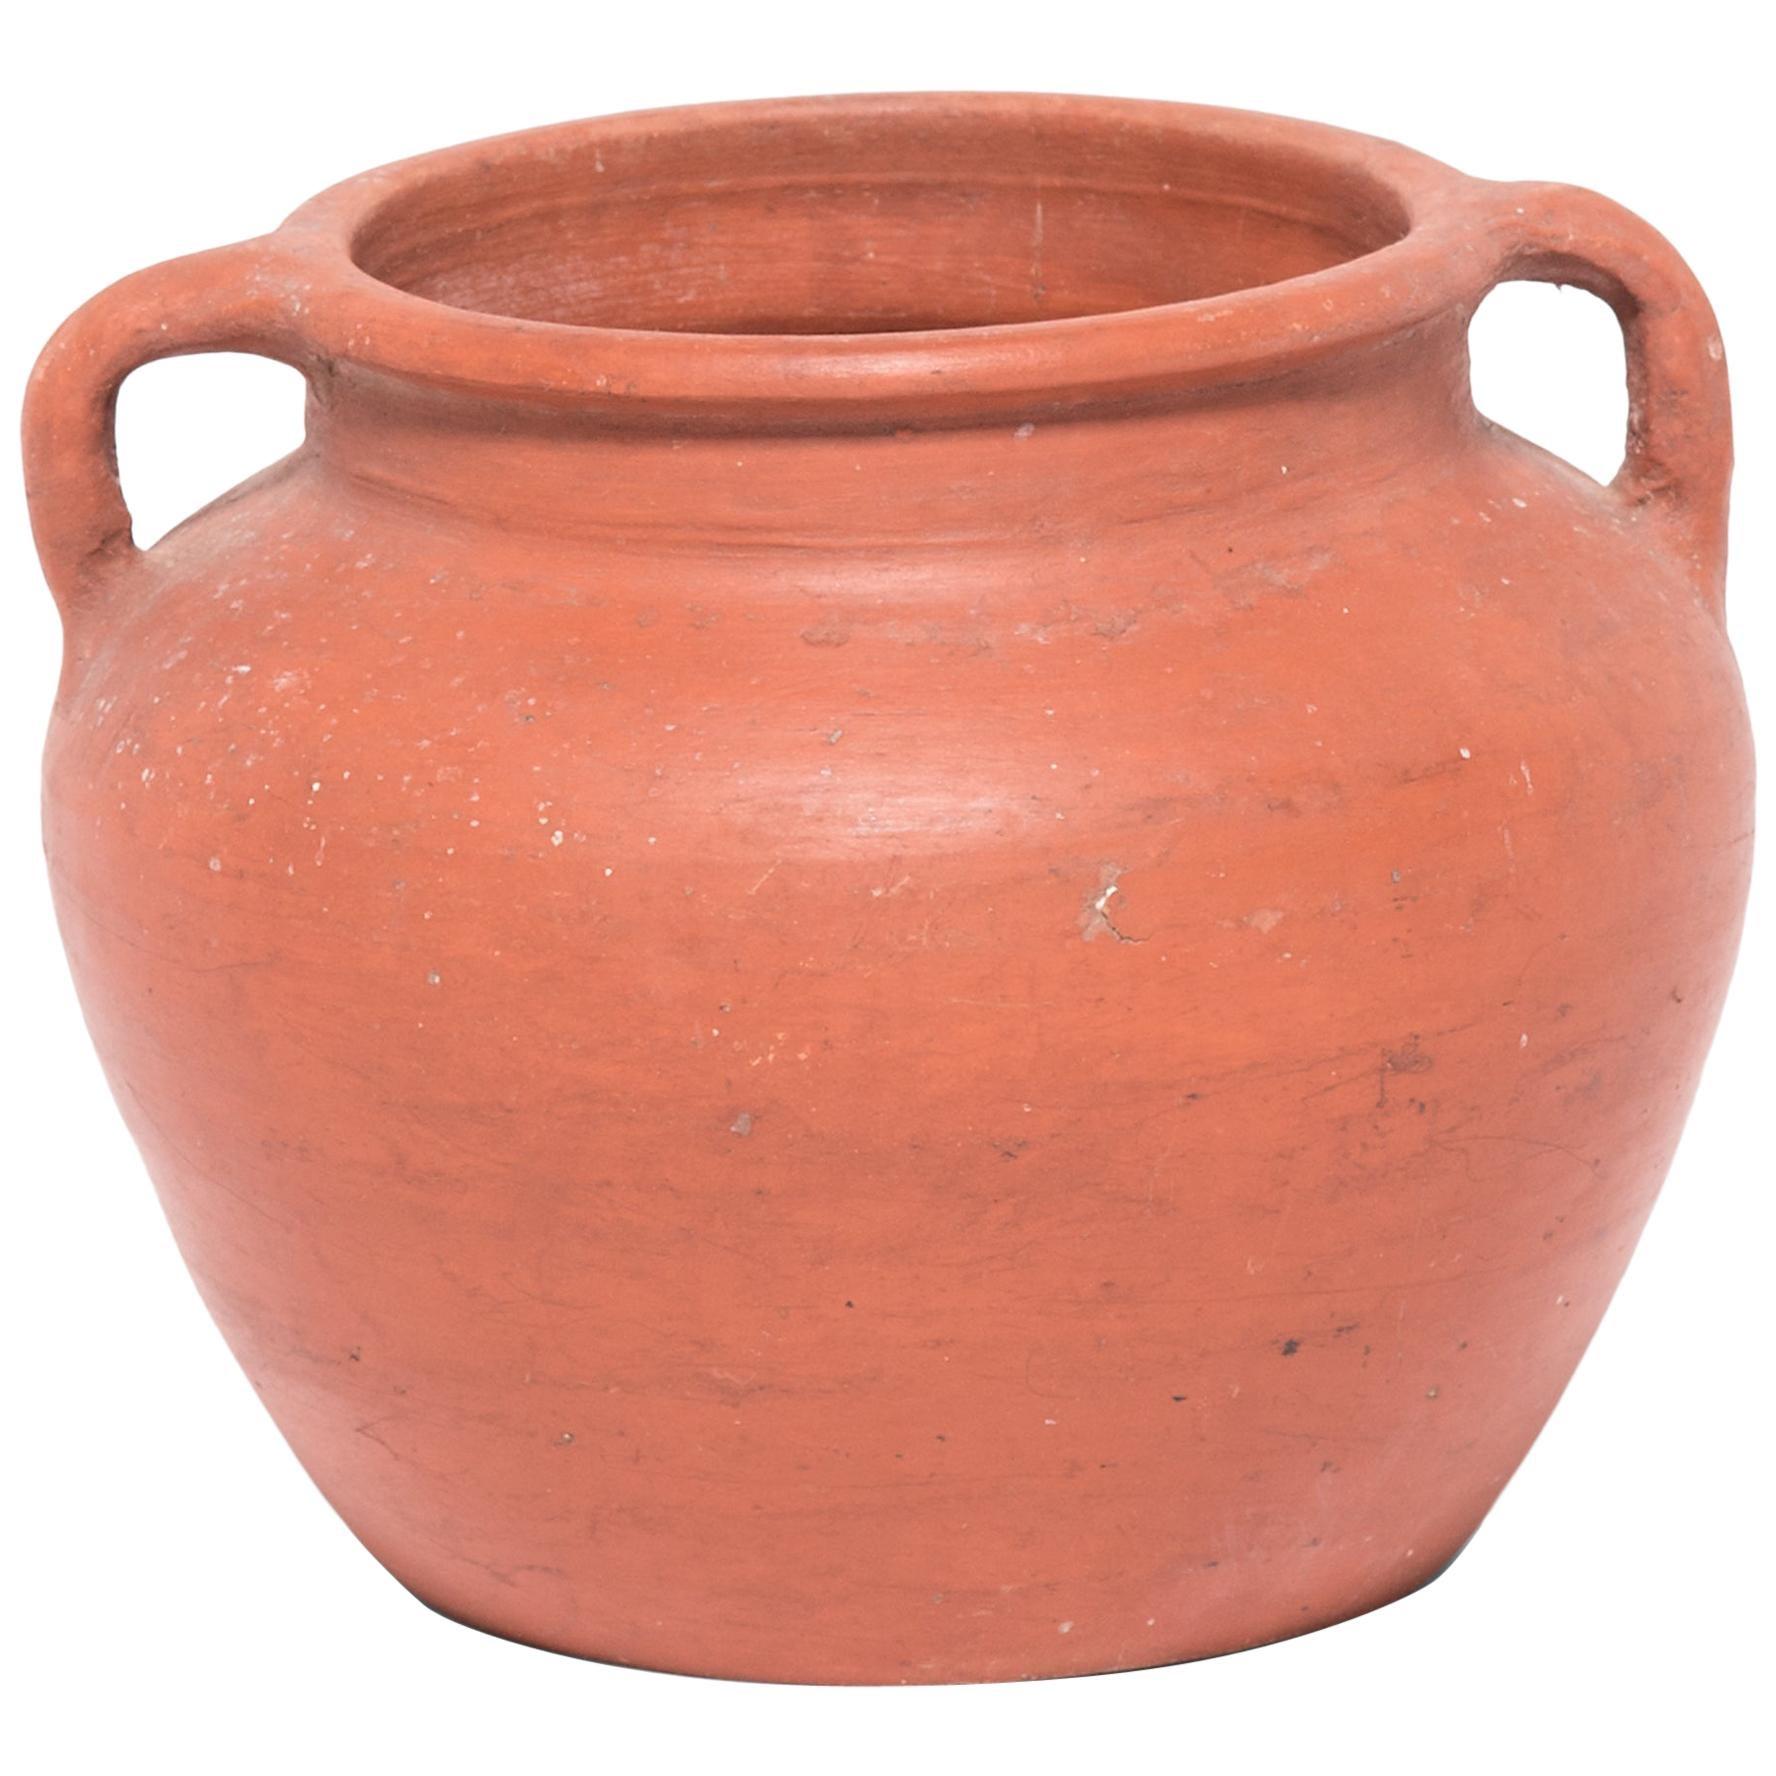 Terracotta Soup Pot, c. 1900